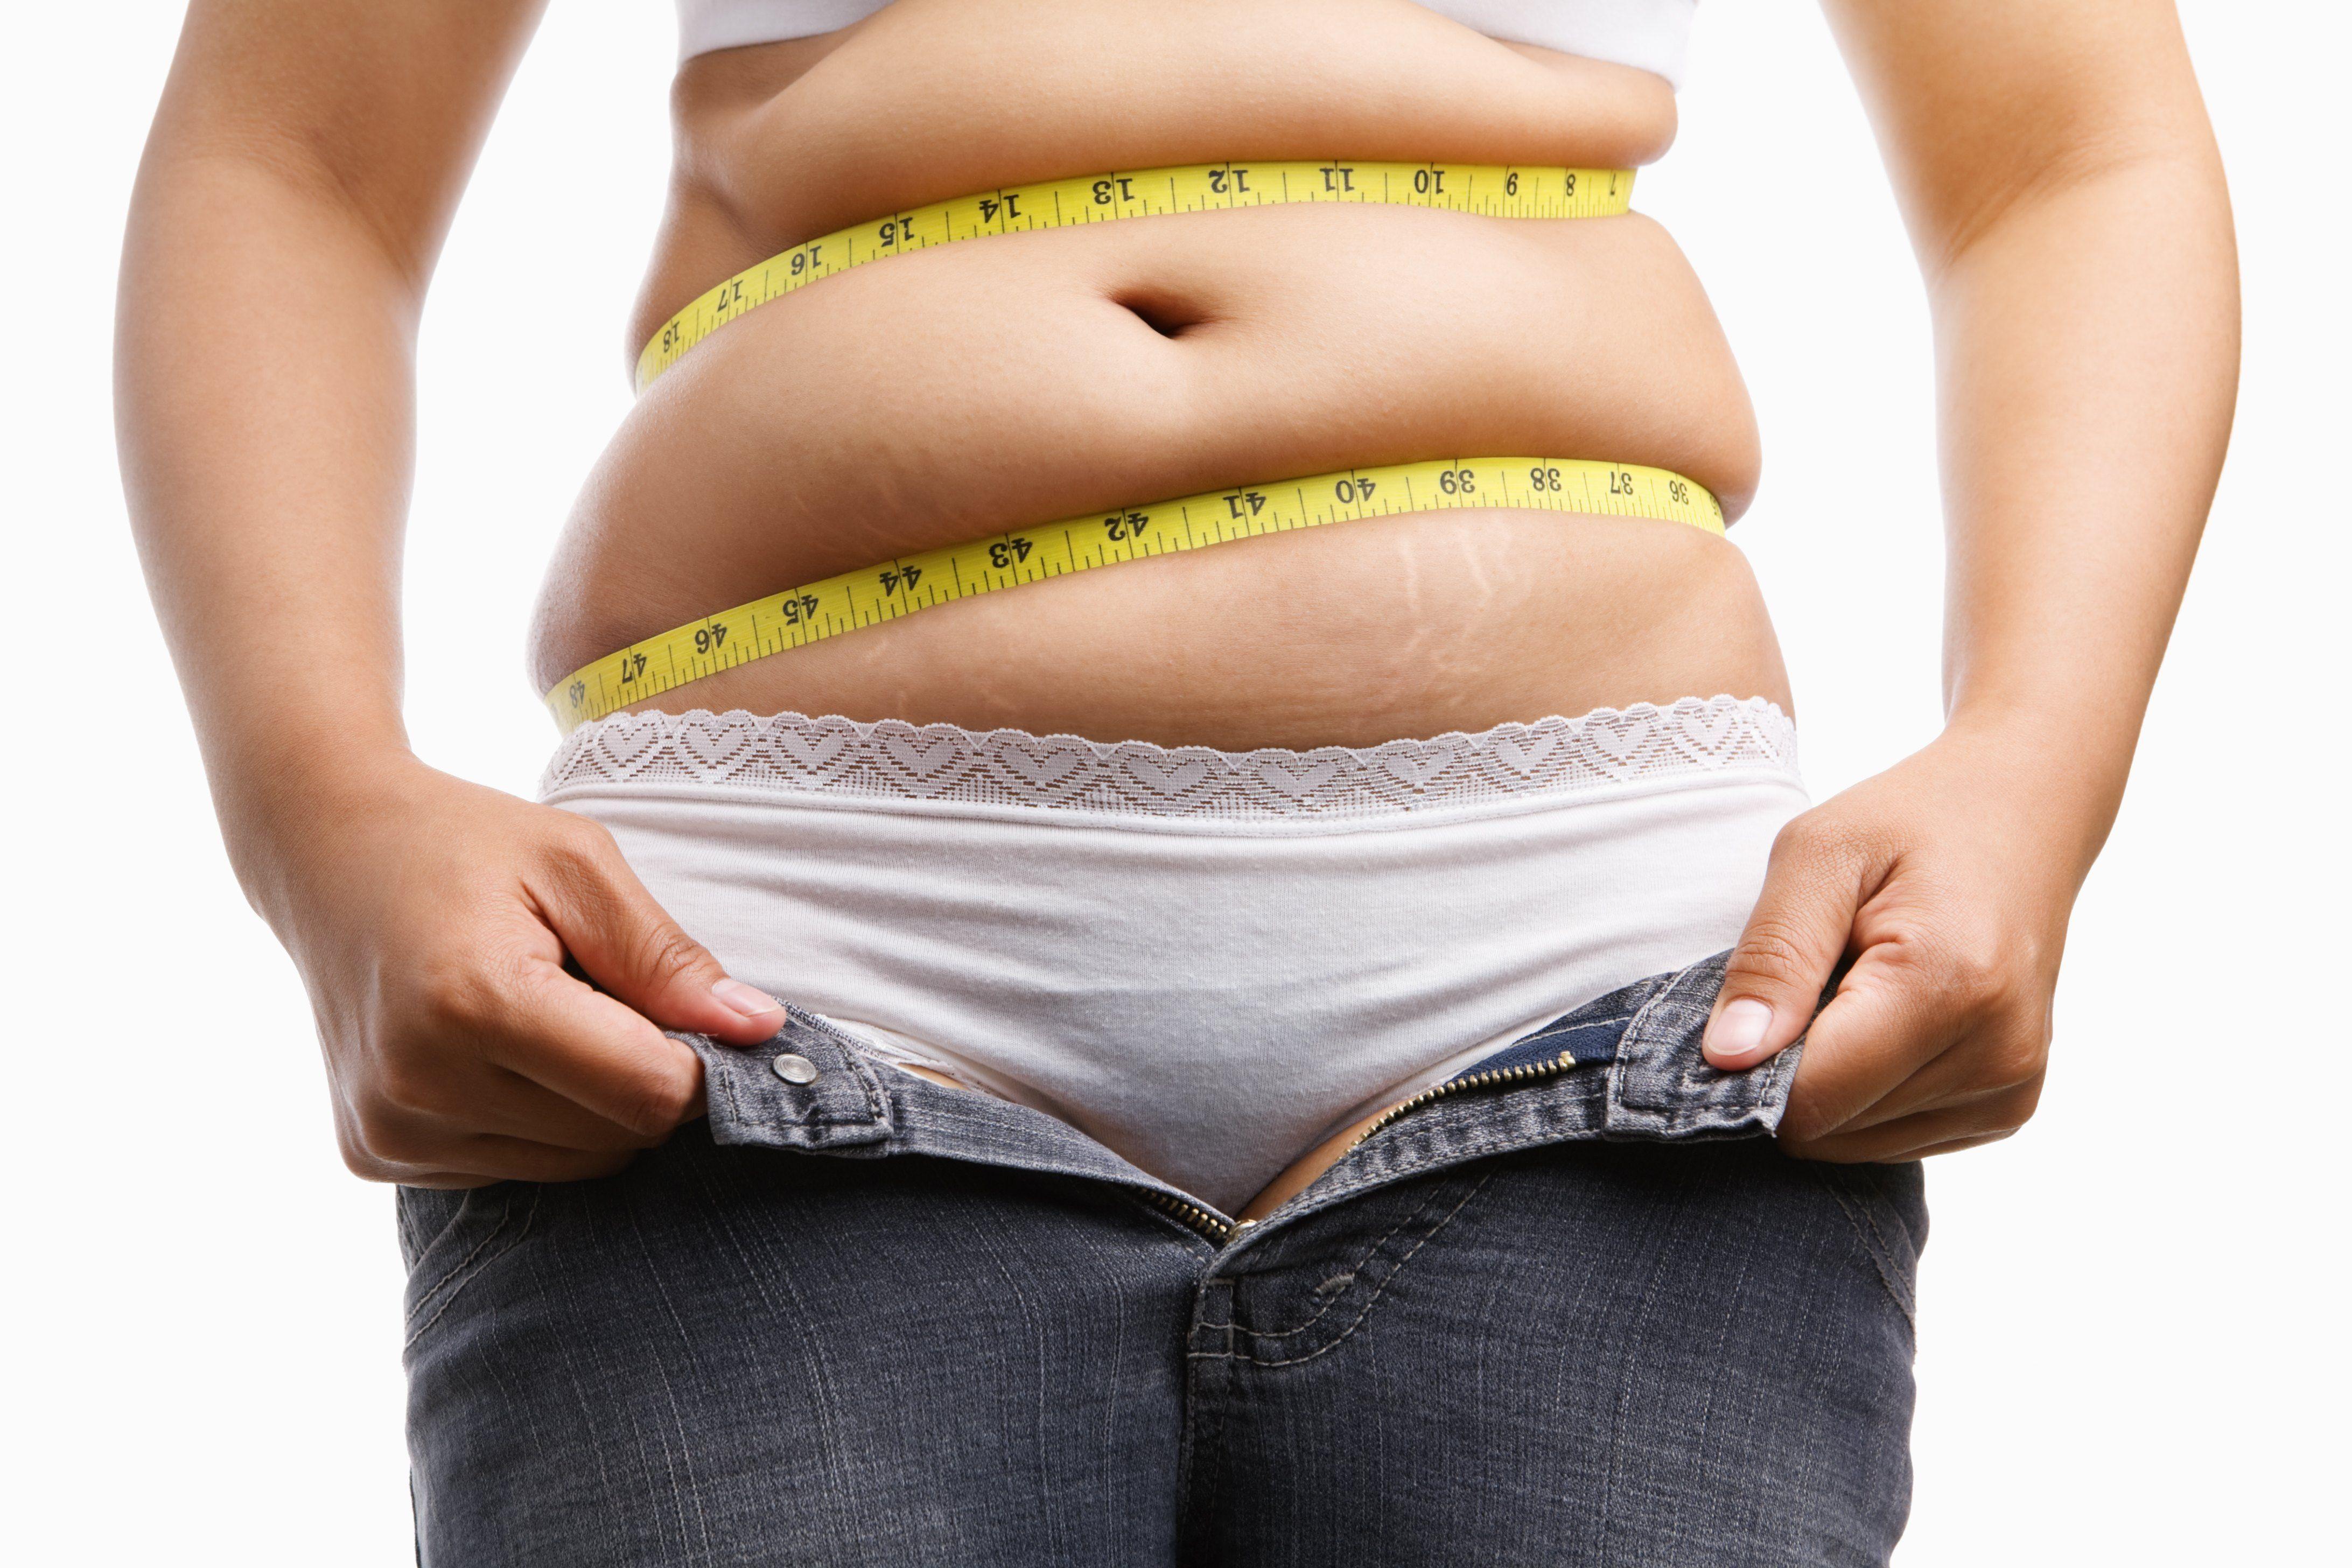 pierde burta gras în săptămână